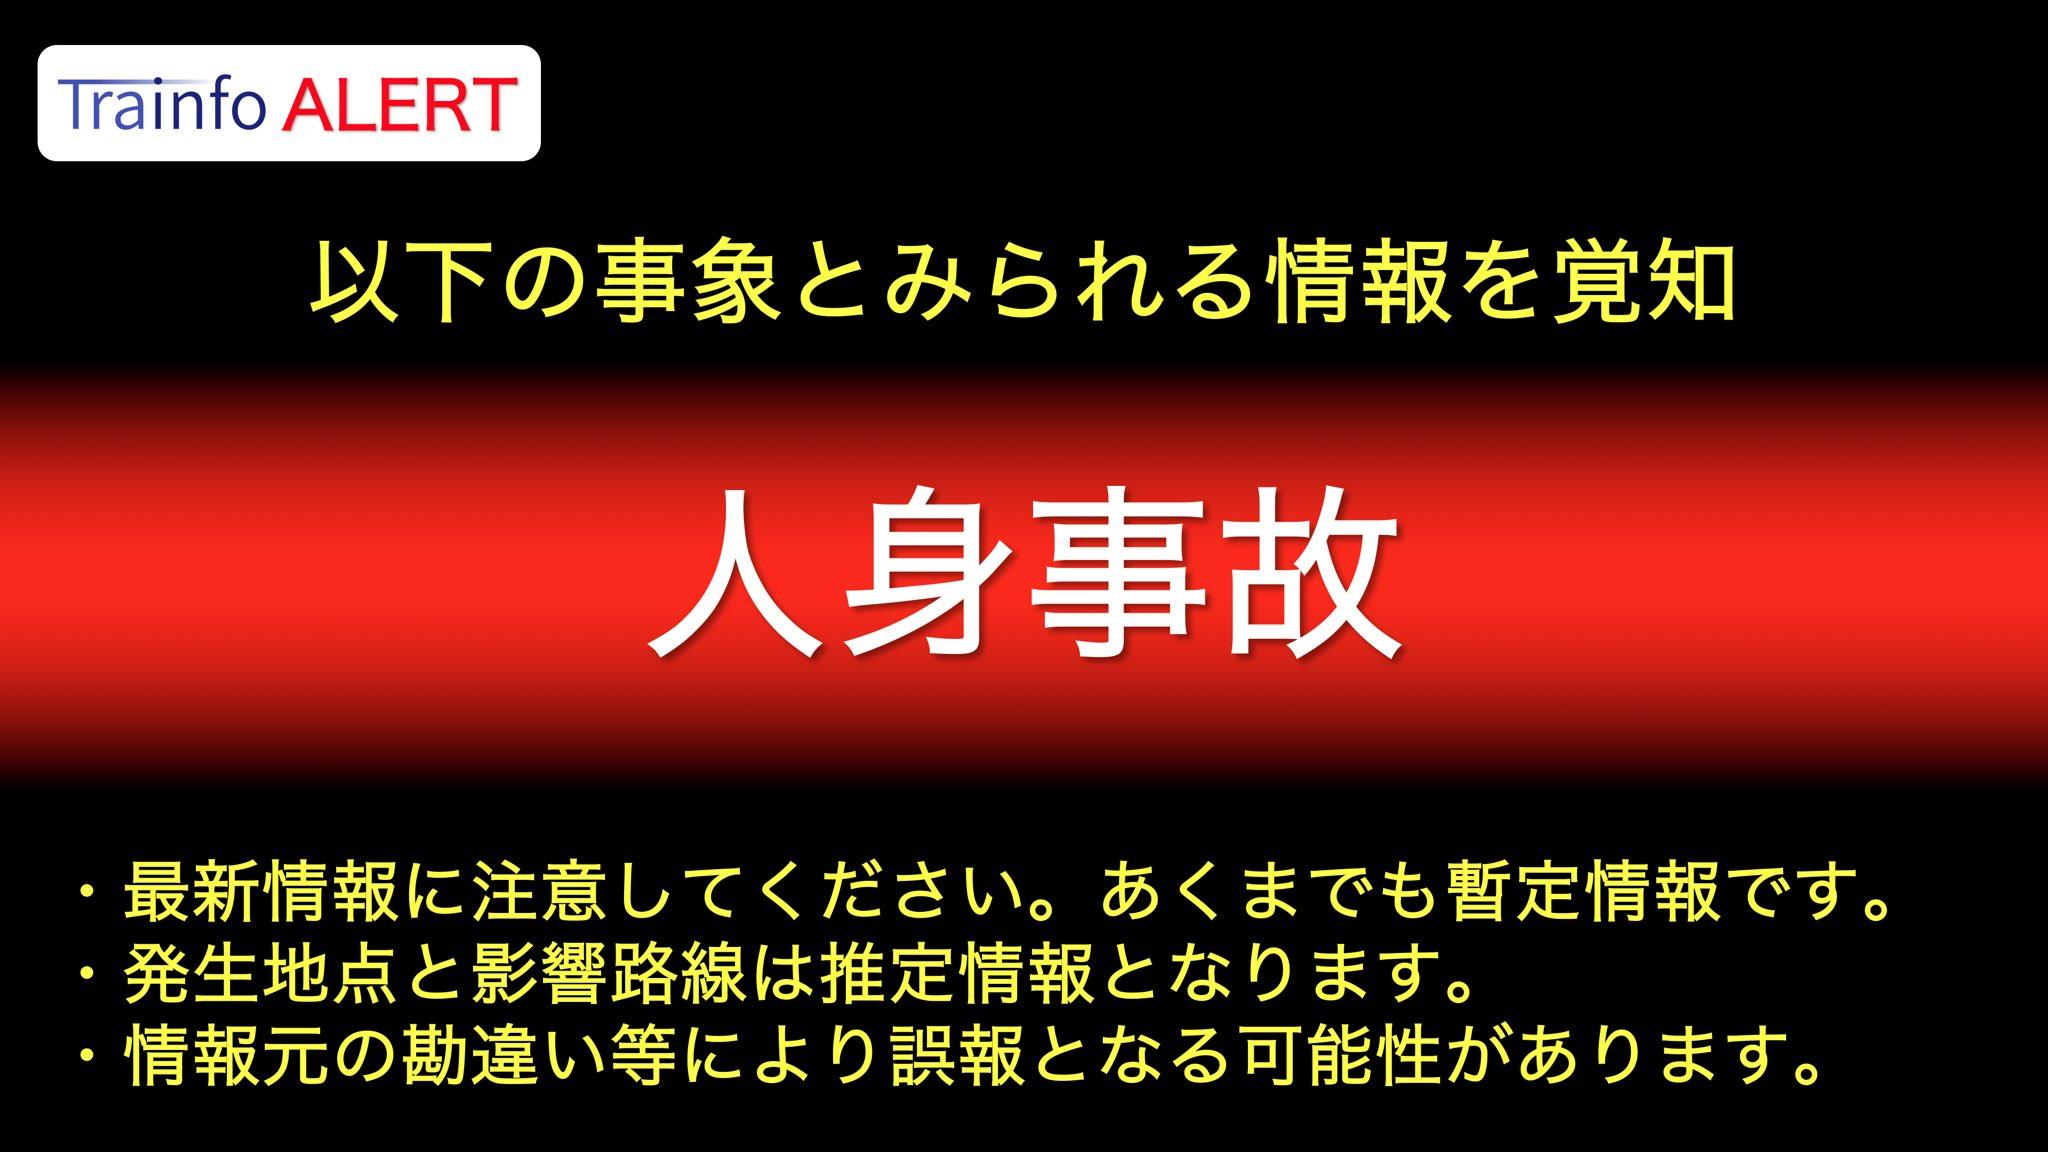 画像,️ 🏃♂️ 人身事故 💥南太田で人身事故発生の模様以下の路線でダイヤ乱れの可能性京急本線など https://t.co/KkDUtdzkGg…